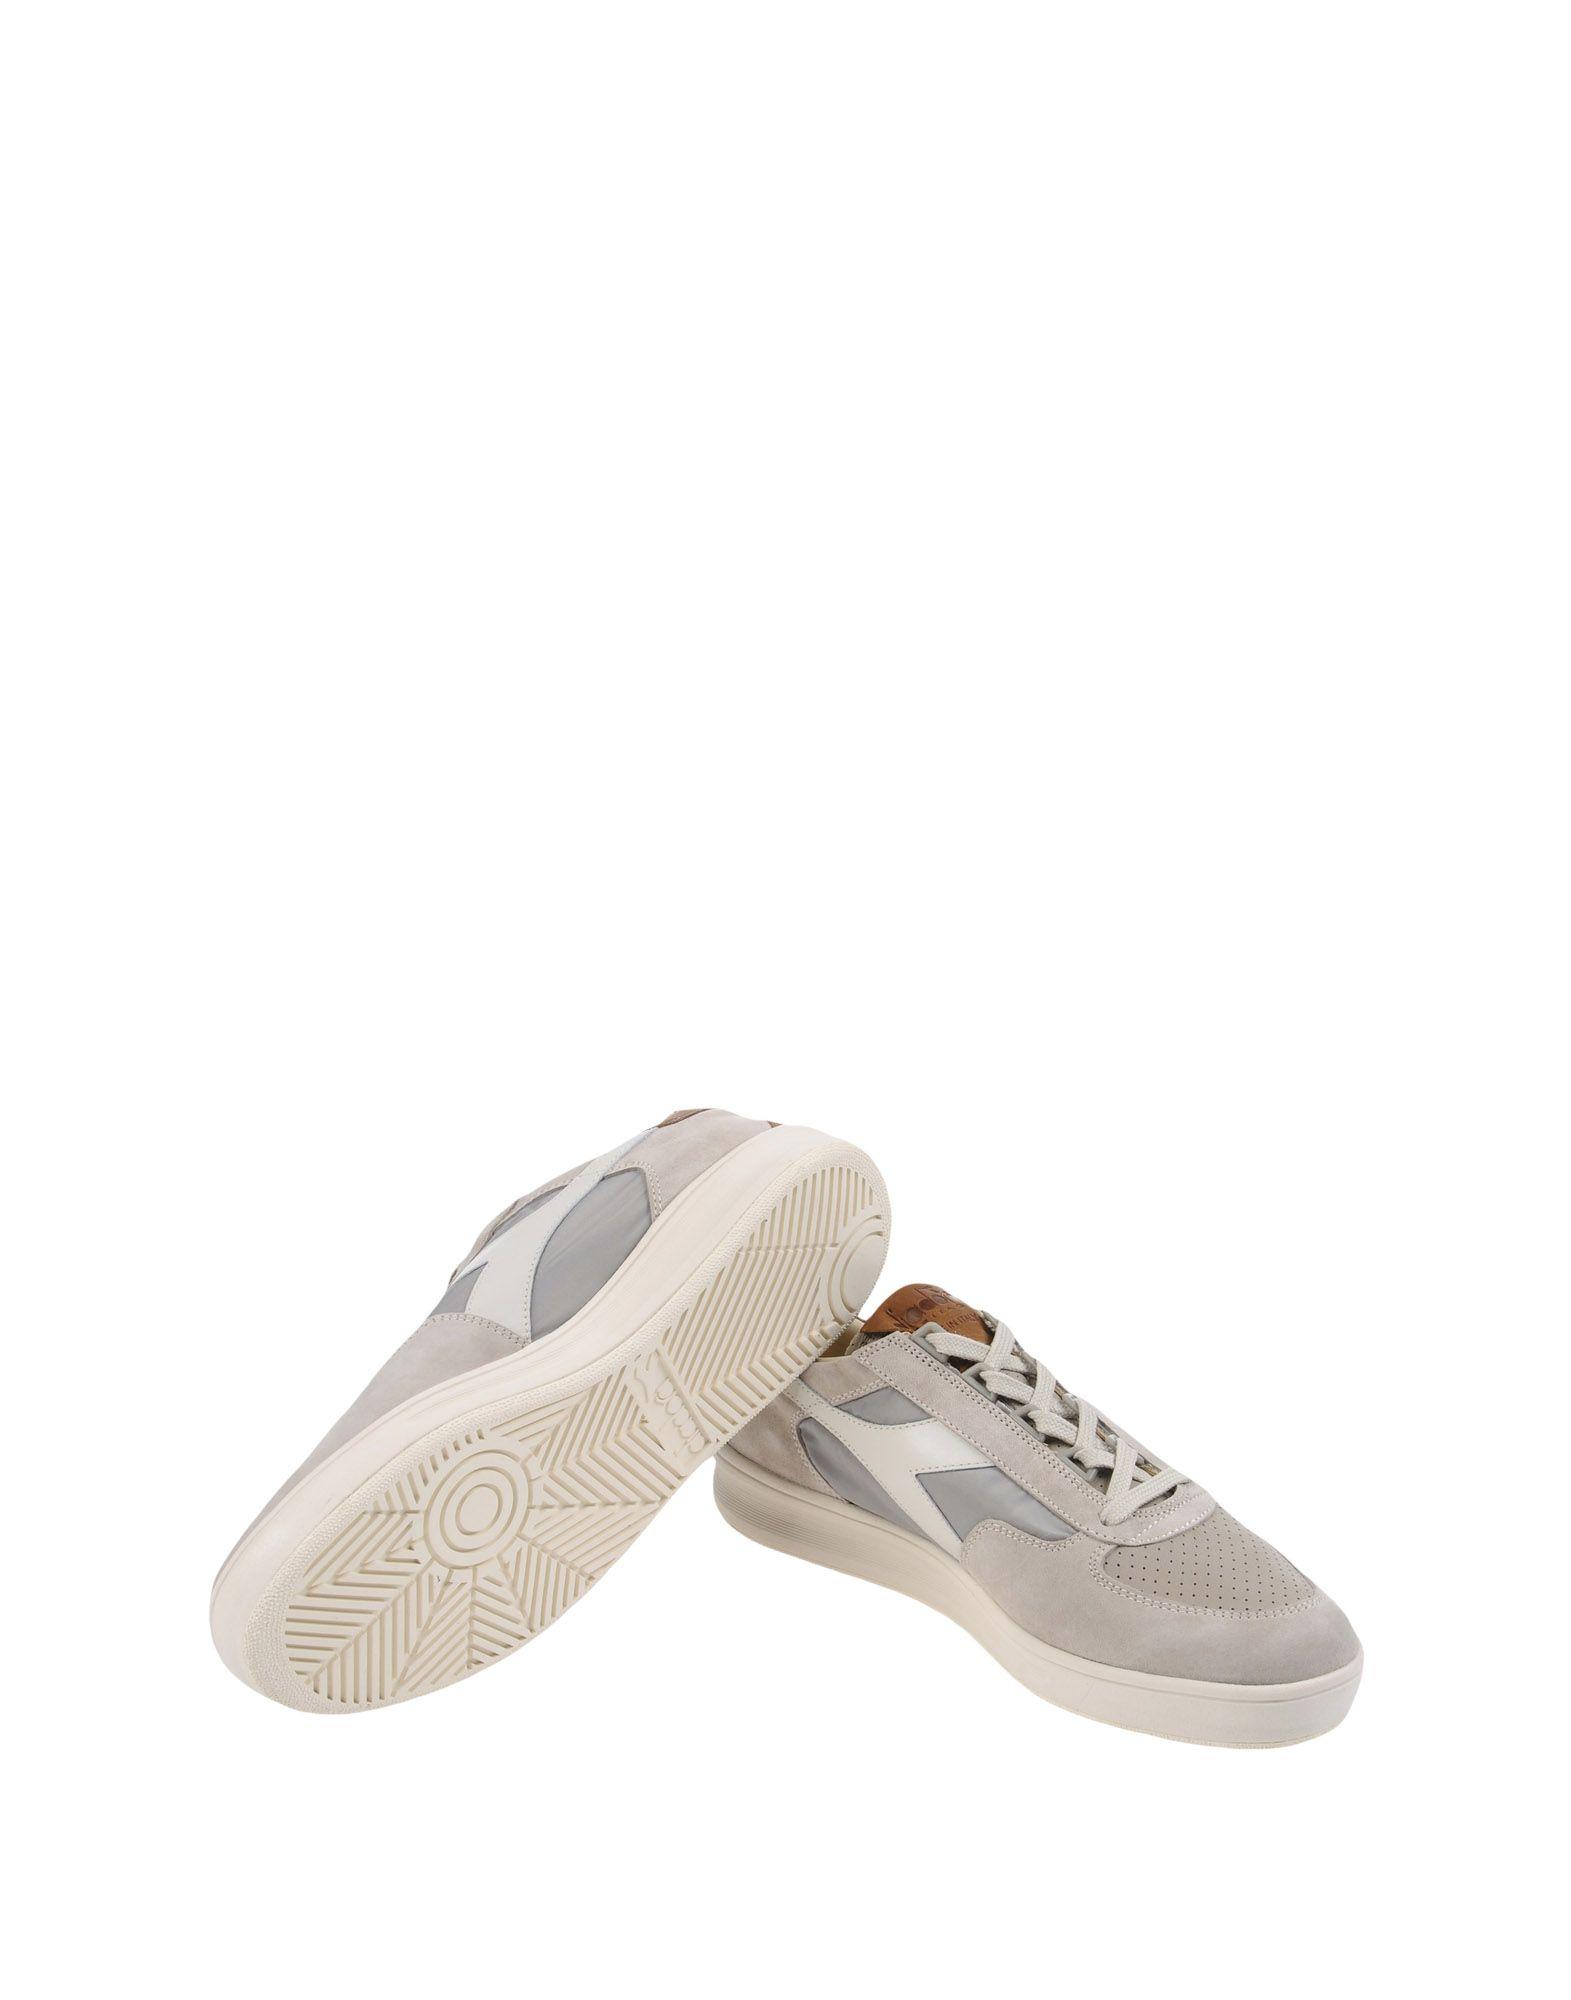 Sneakers Diadora Heritage B.Elite Ita - Homme - Sneakers Diadora Heritage sur